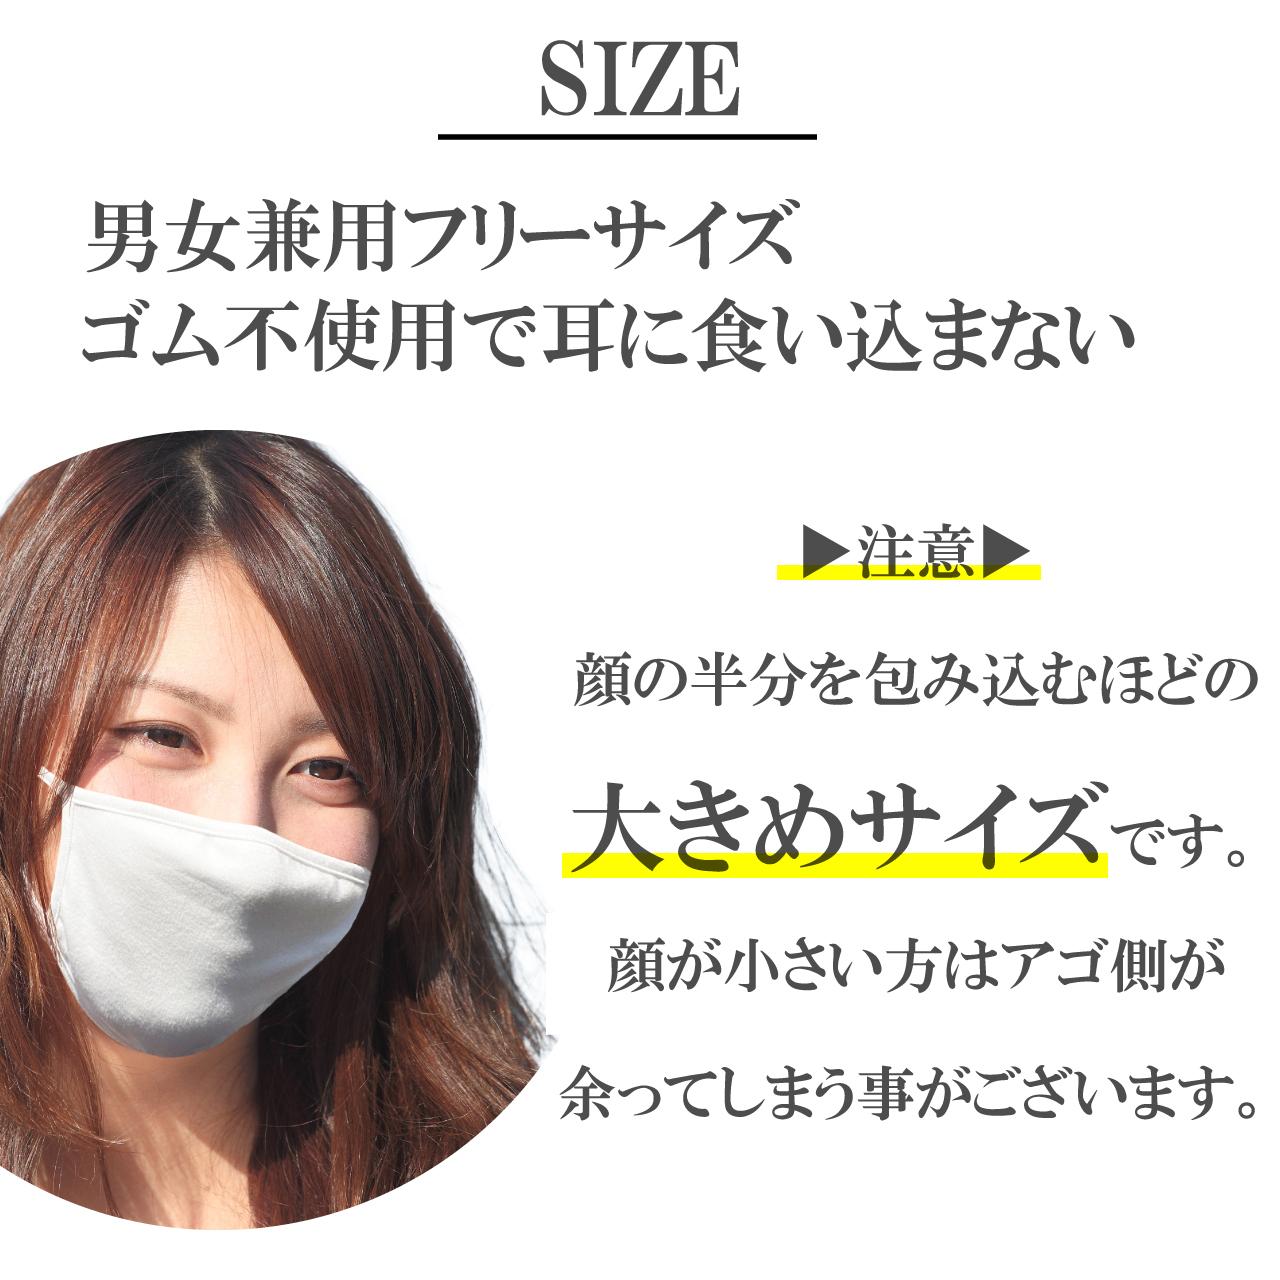 UVコットンマスク 肌荒れ対策 花粉対策